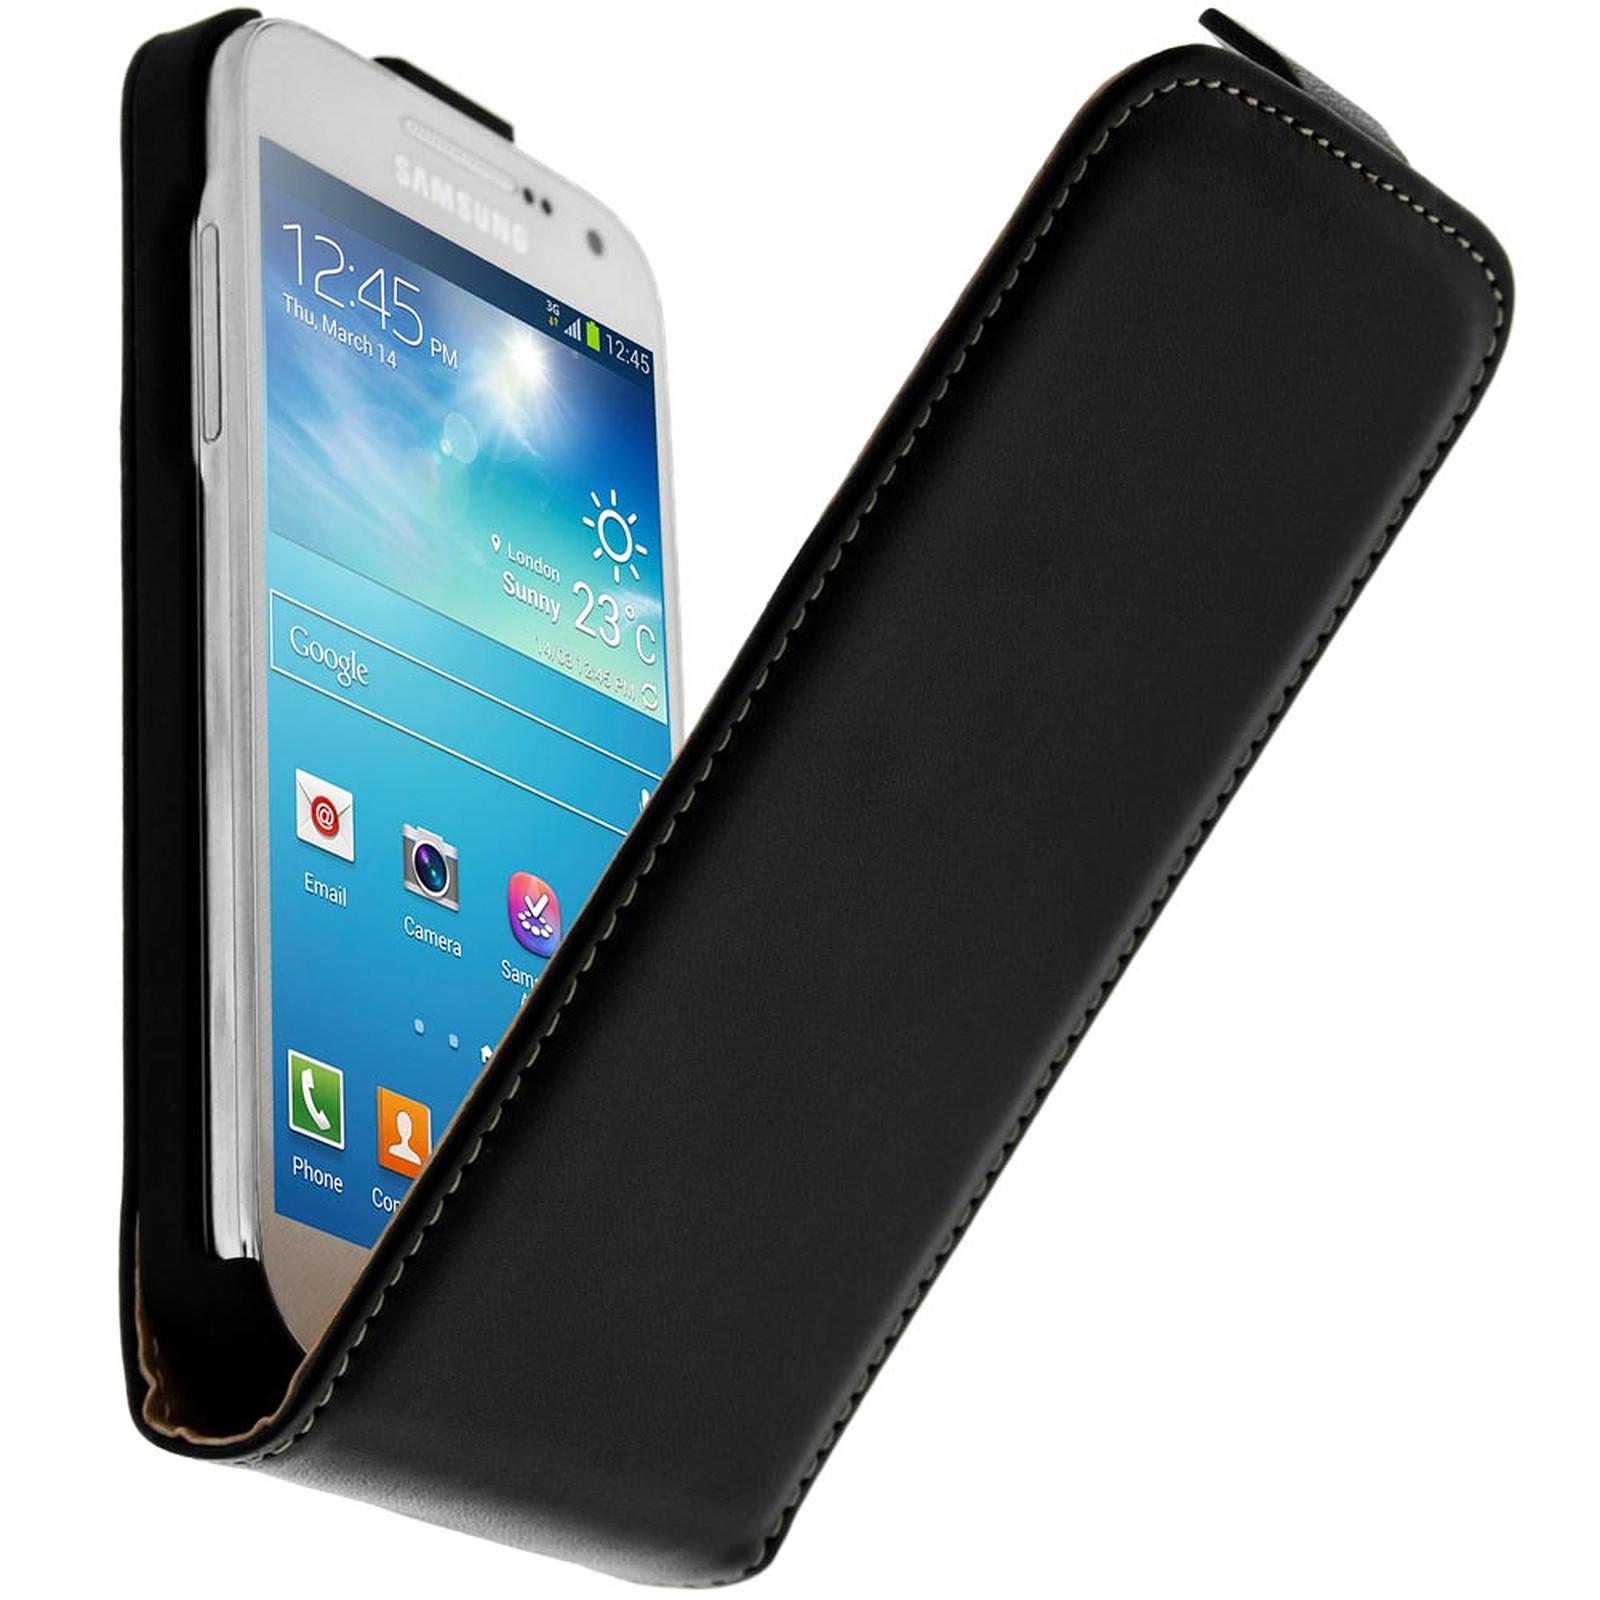 Avizar Etui à clapet Noir pour Samsung Galaxy S4 Mini - Coque téléphone Avizar sur LDLC